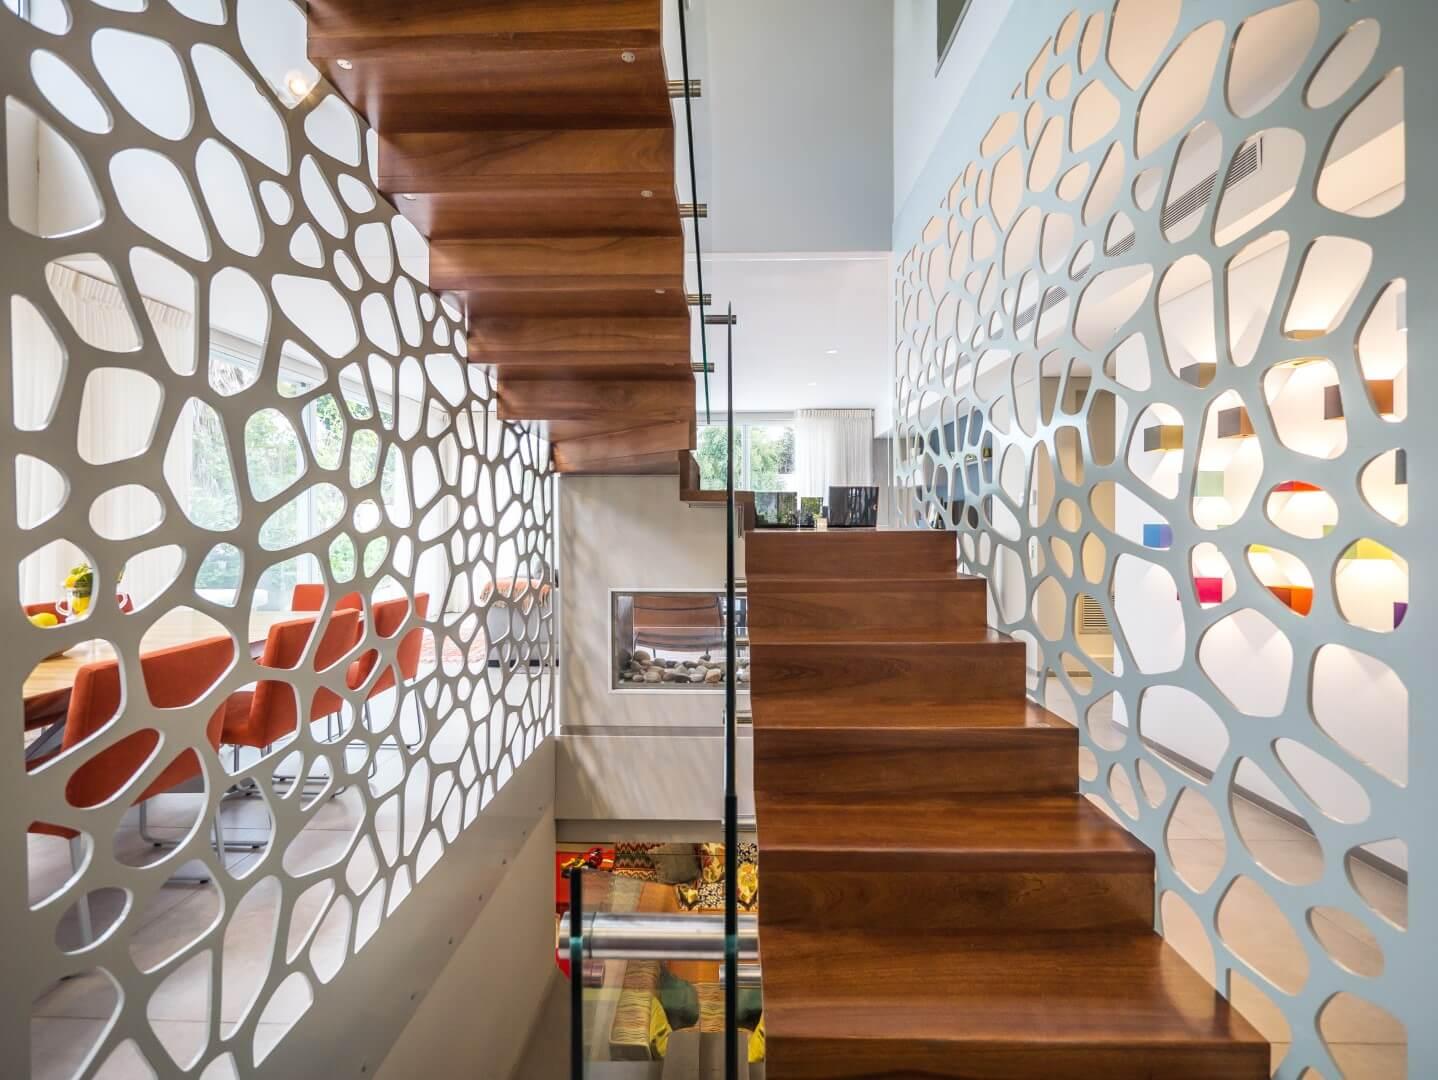 שני שלחי מדרגות מרחפות מעץ ספלי עם מעקה זכוכית מוקפת מחיצה לבנה מעוצבת בדירה ברעננה